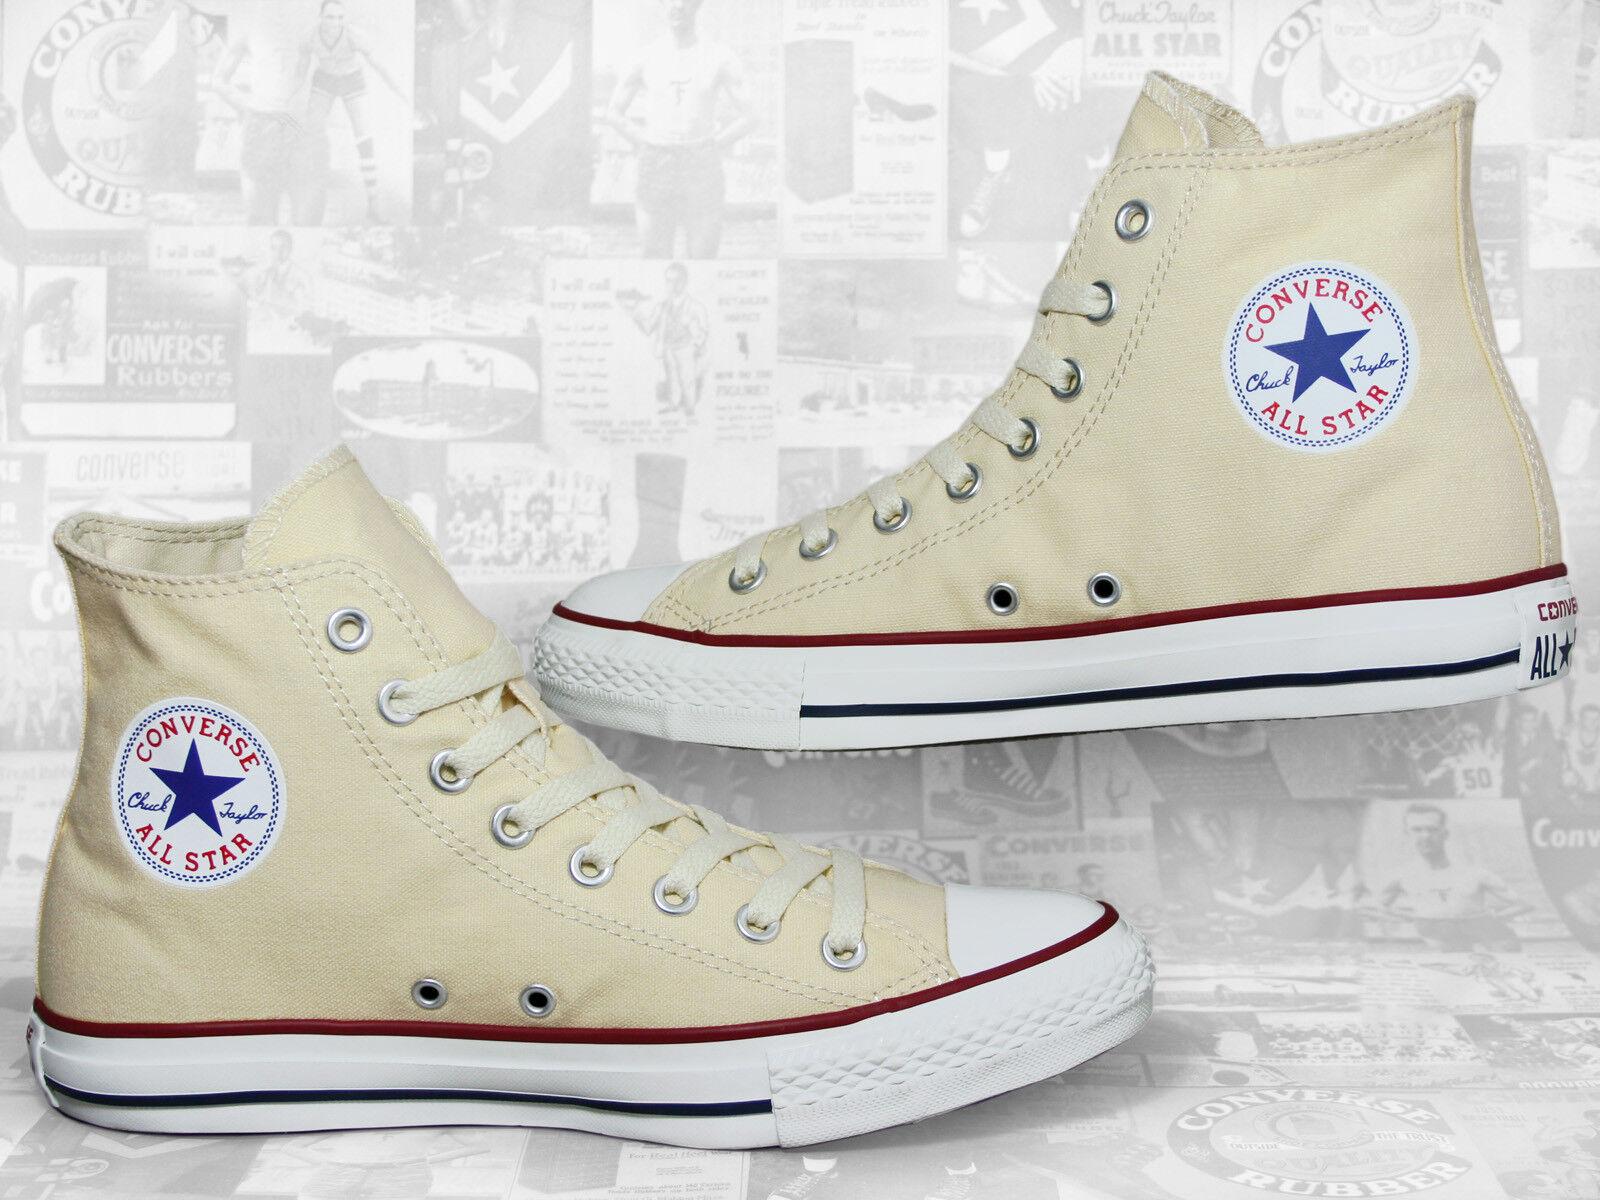 Converse Chuck Taylor All Star Chucks Hi WEISS Natural / Beige M9162 Sneaker